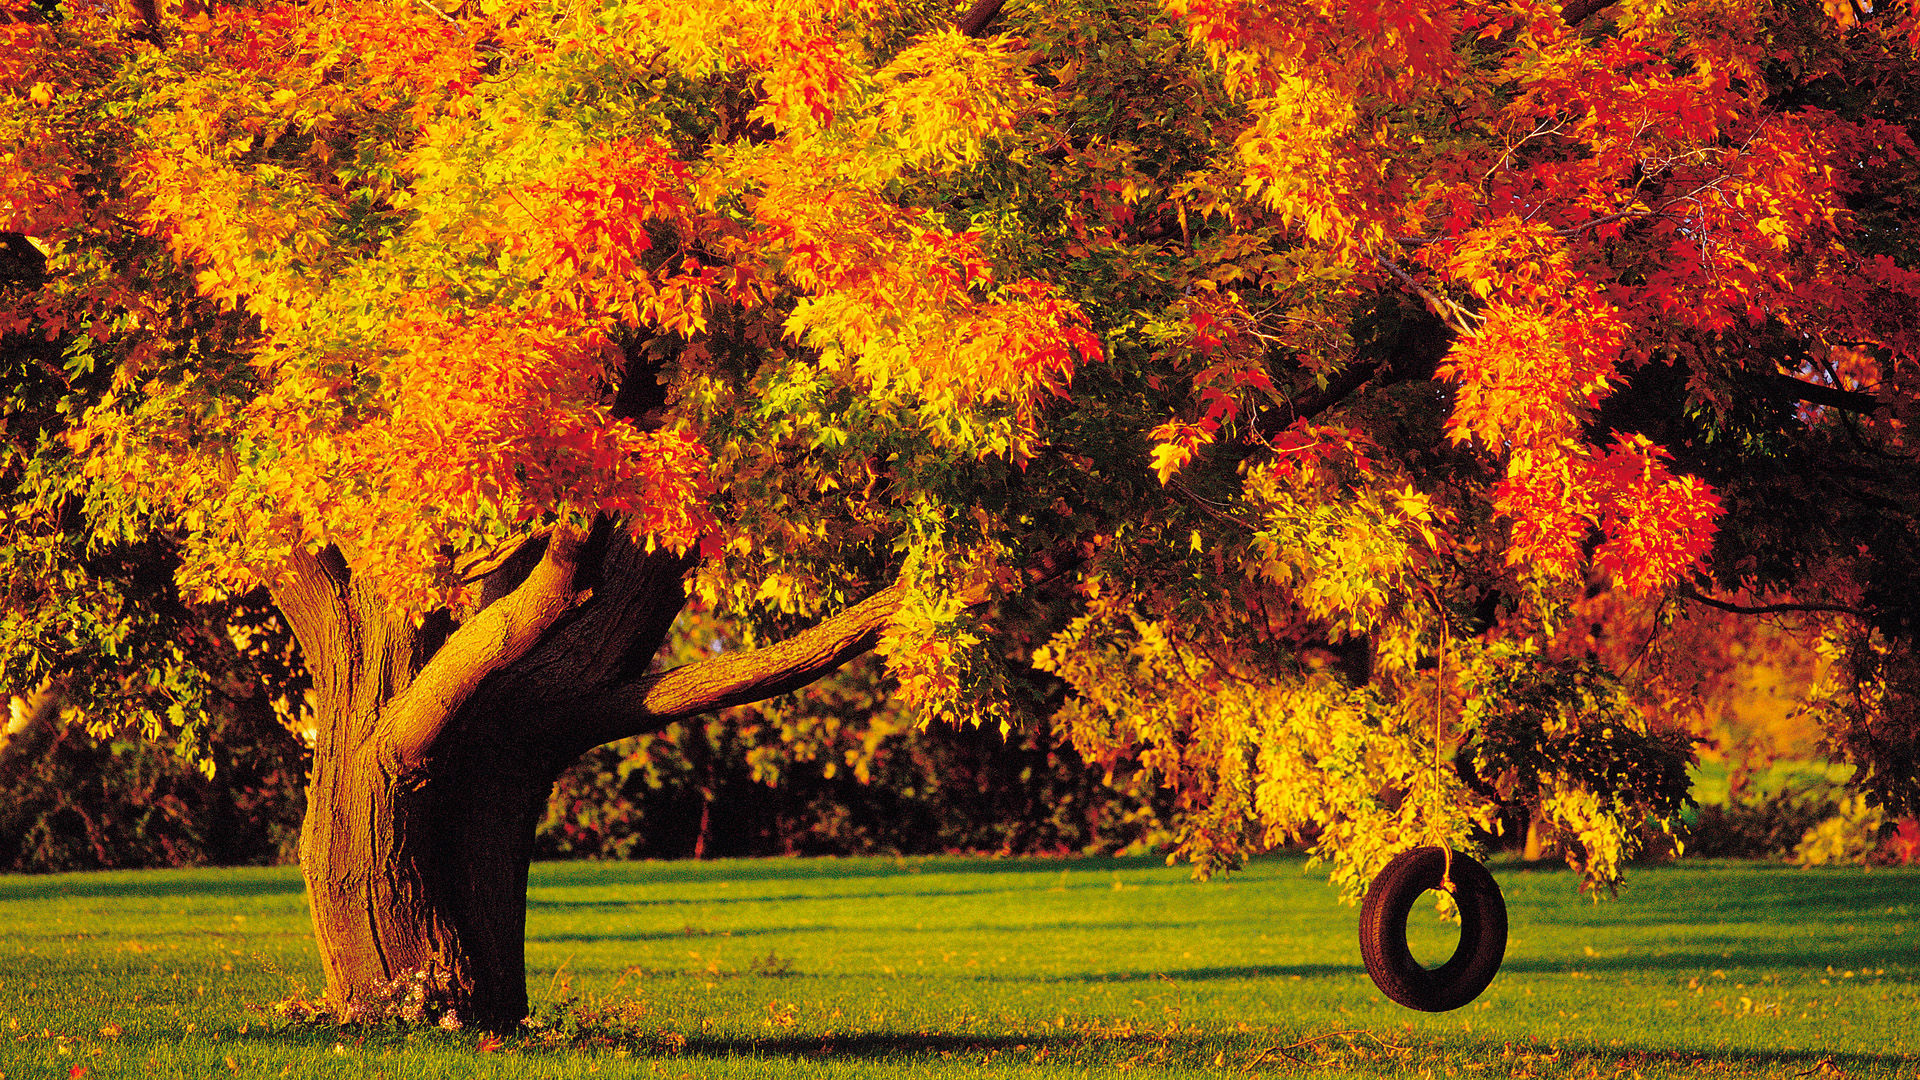 Золотая осень 1920 x 1080